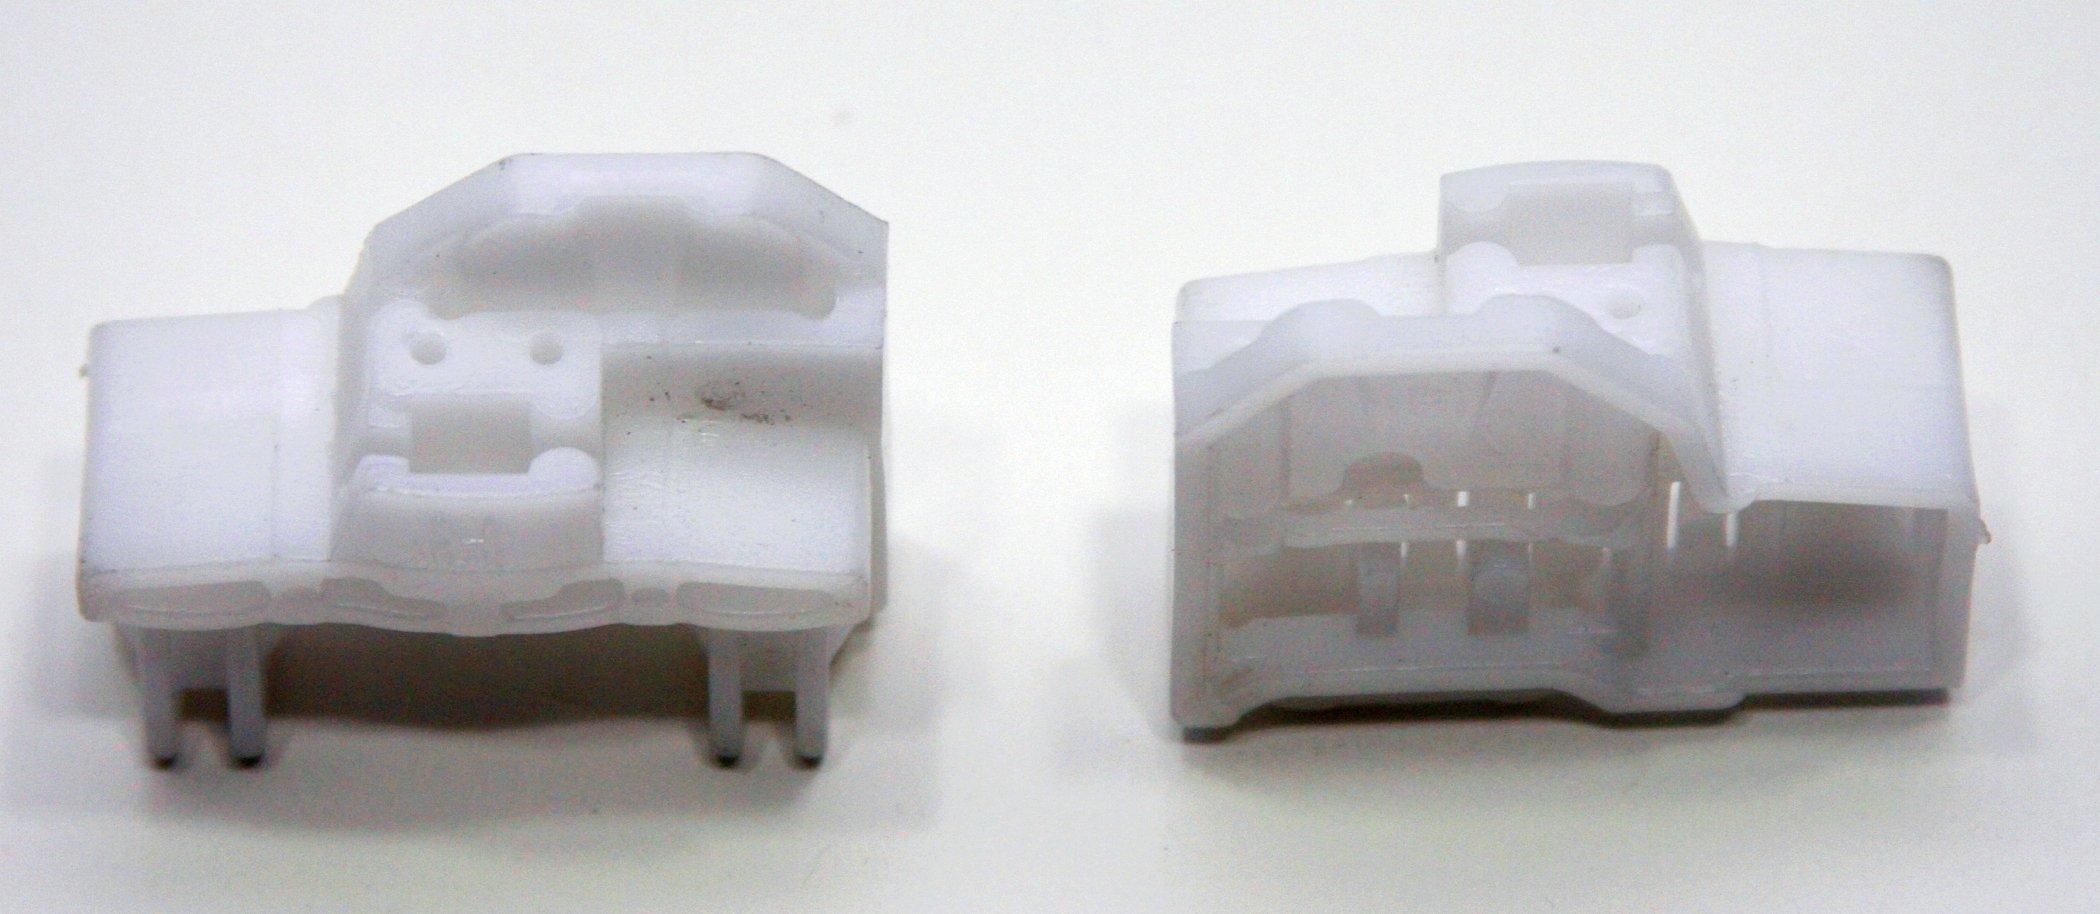 RegulatorFix Window Regulator Repair Clips (2X) - Front Right (Passenger Side Pair) Pair for Audi A4 (B5)